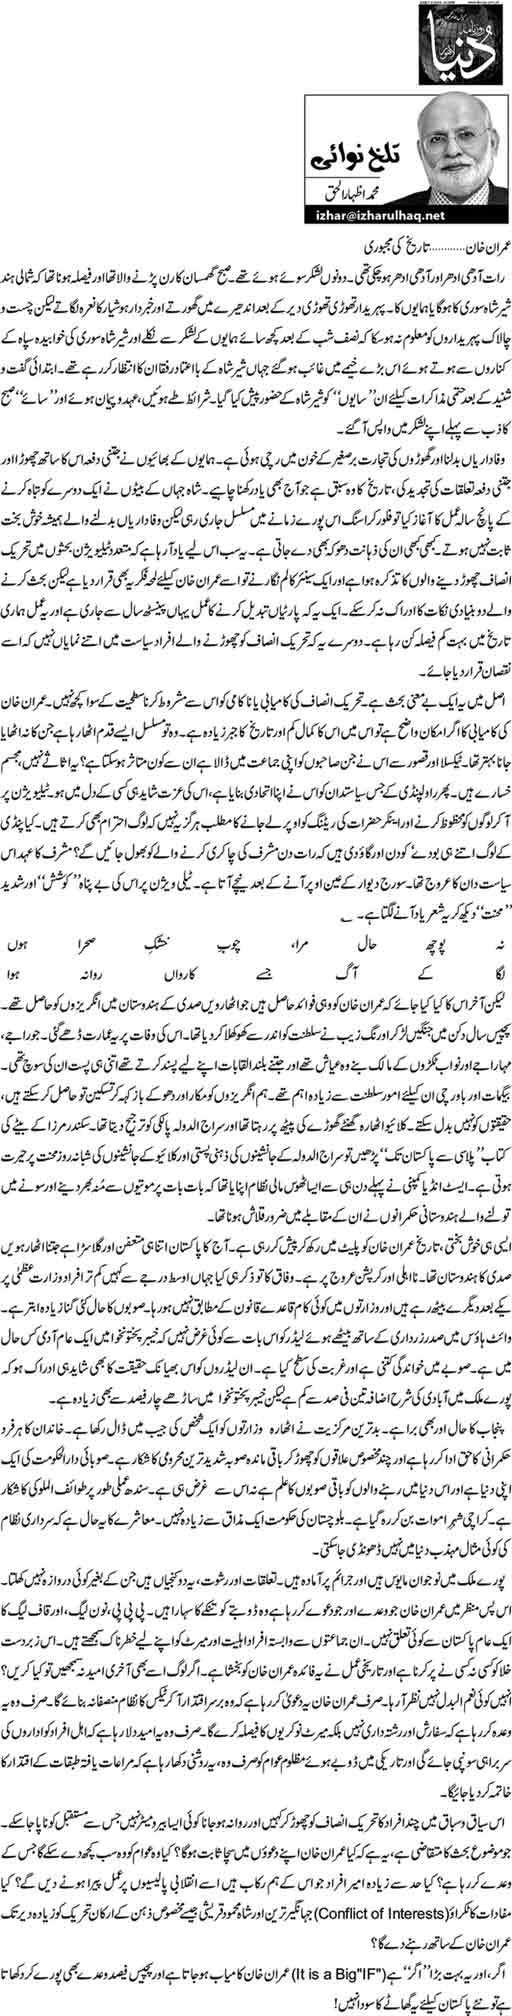 Imran Khan....Tareekh ki majboori - M.Izhar ul Haq